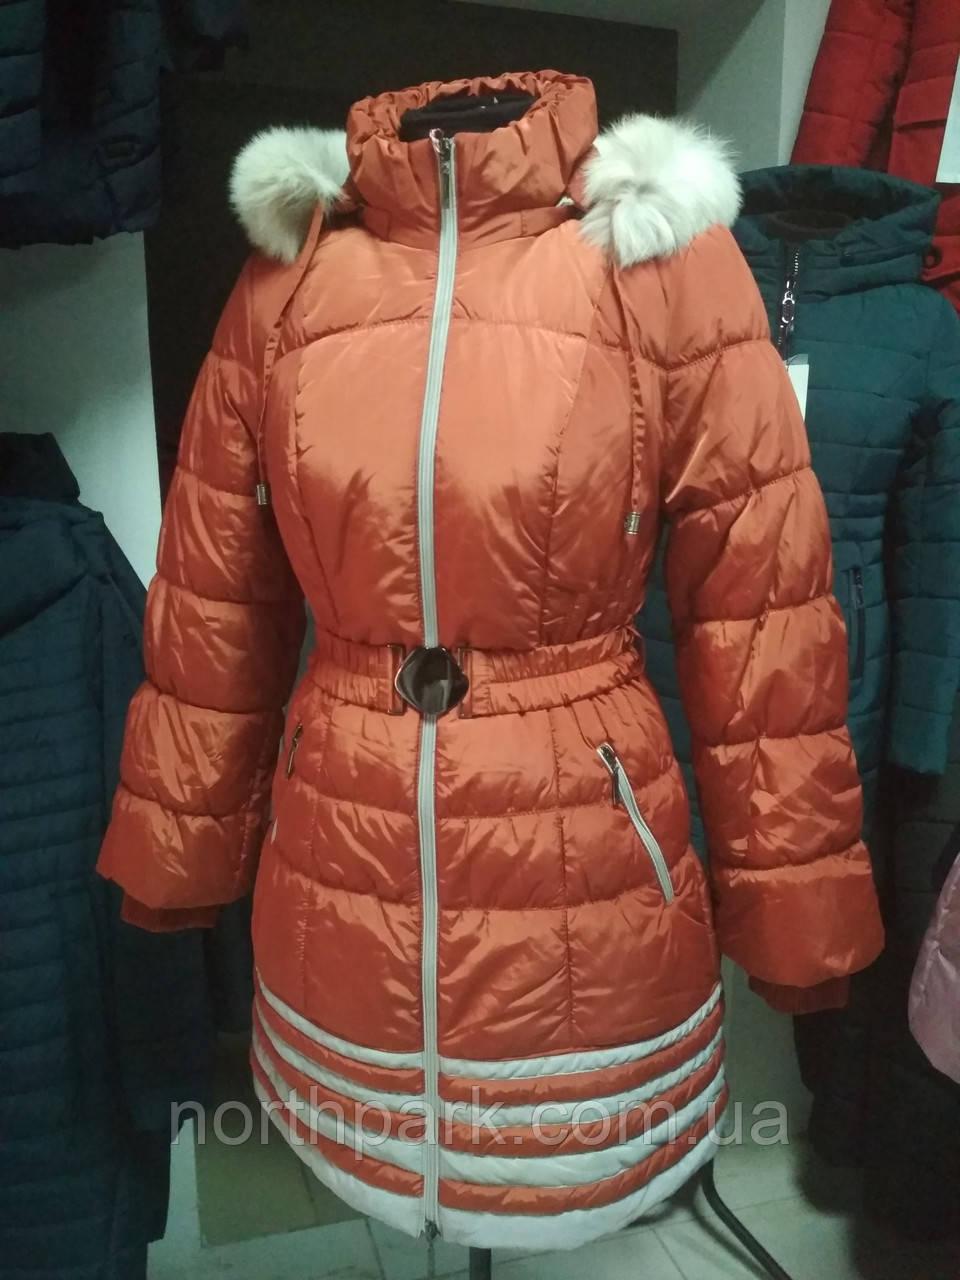 Зимняя длинная куртка с белым мехом, терракотовый